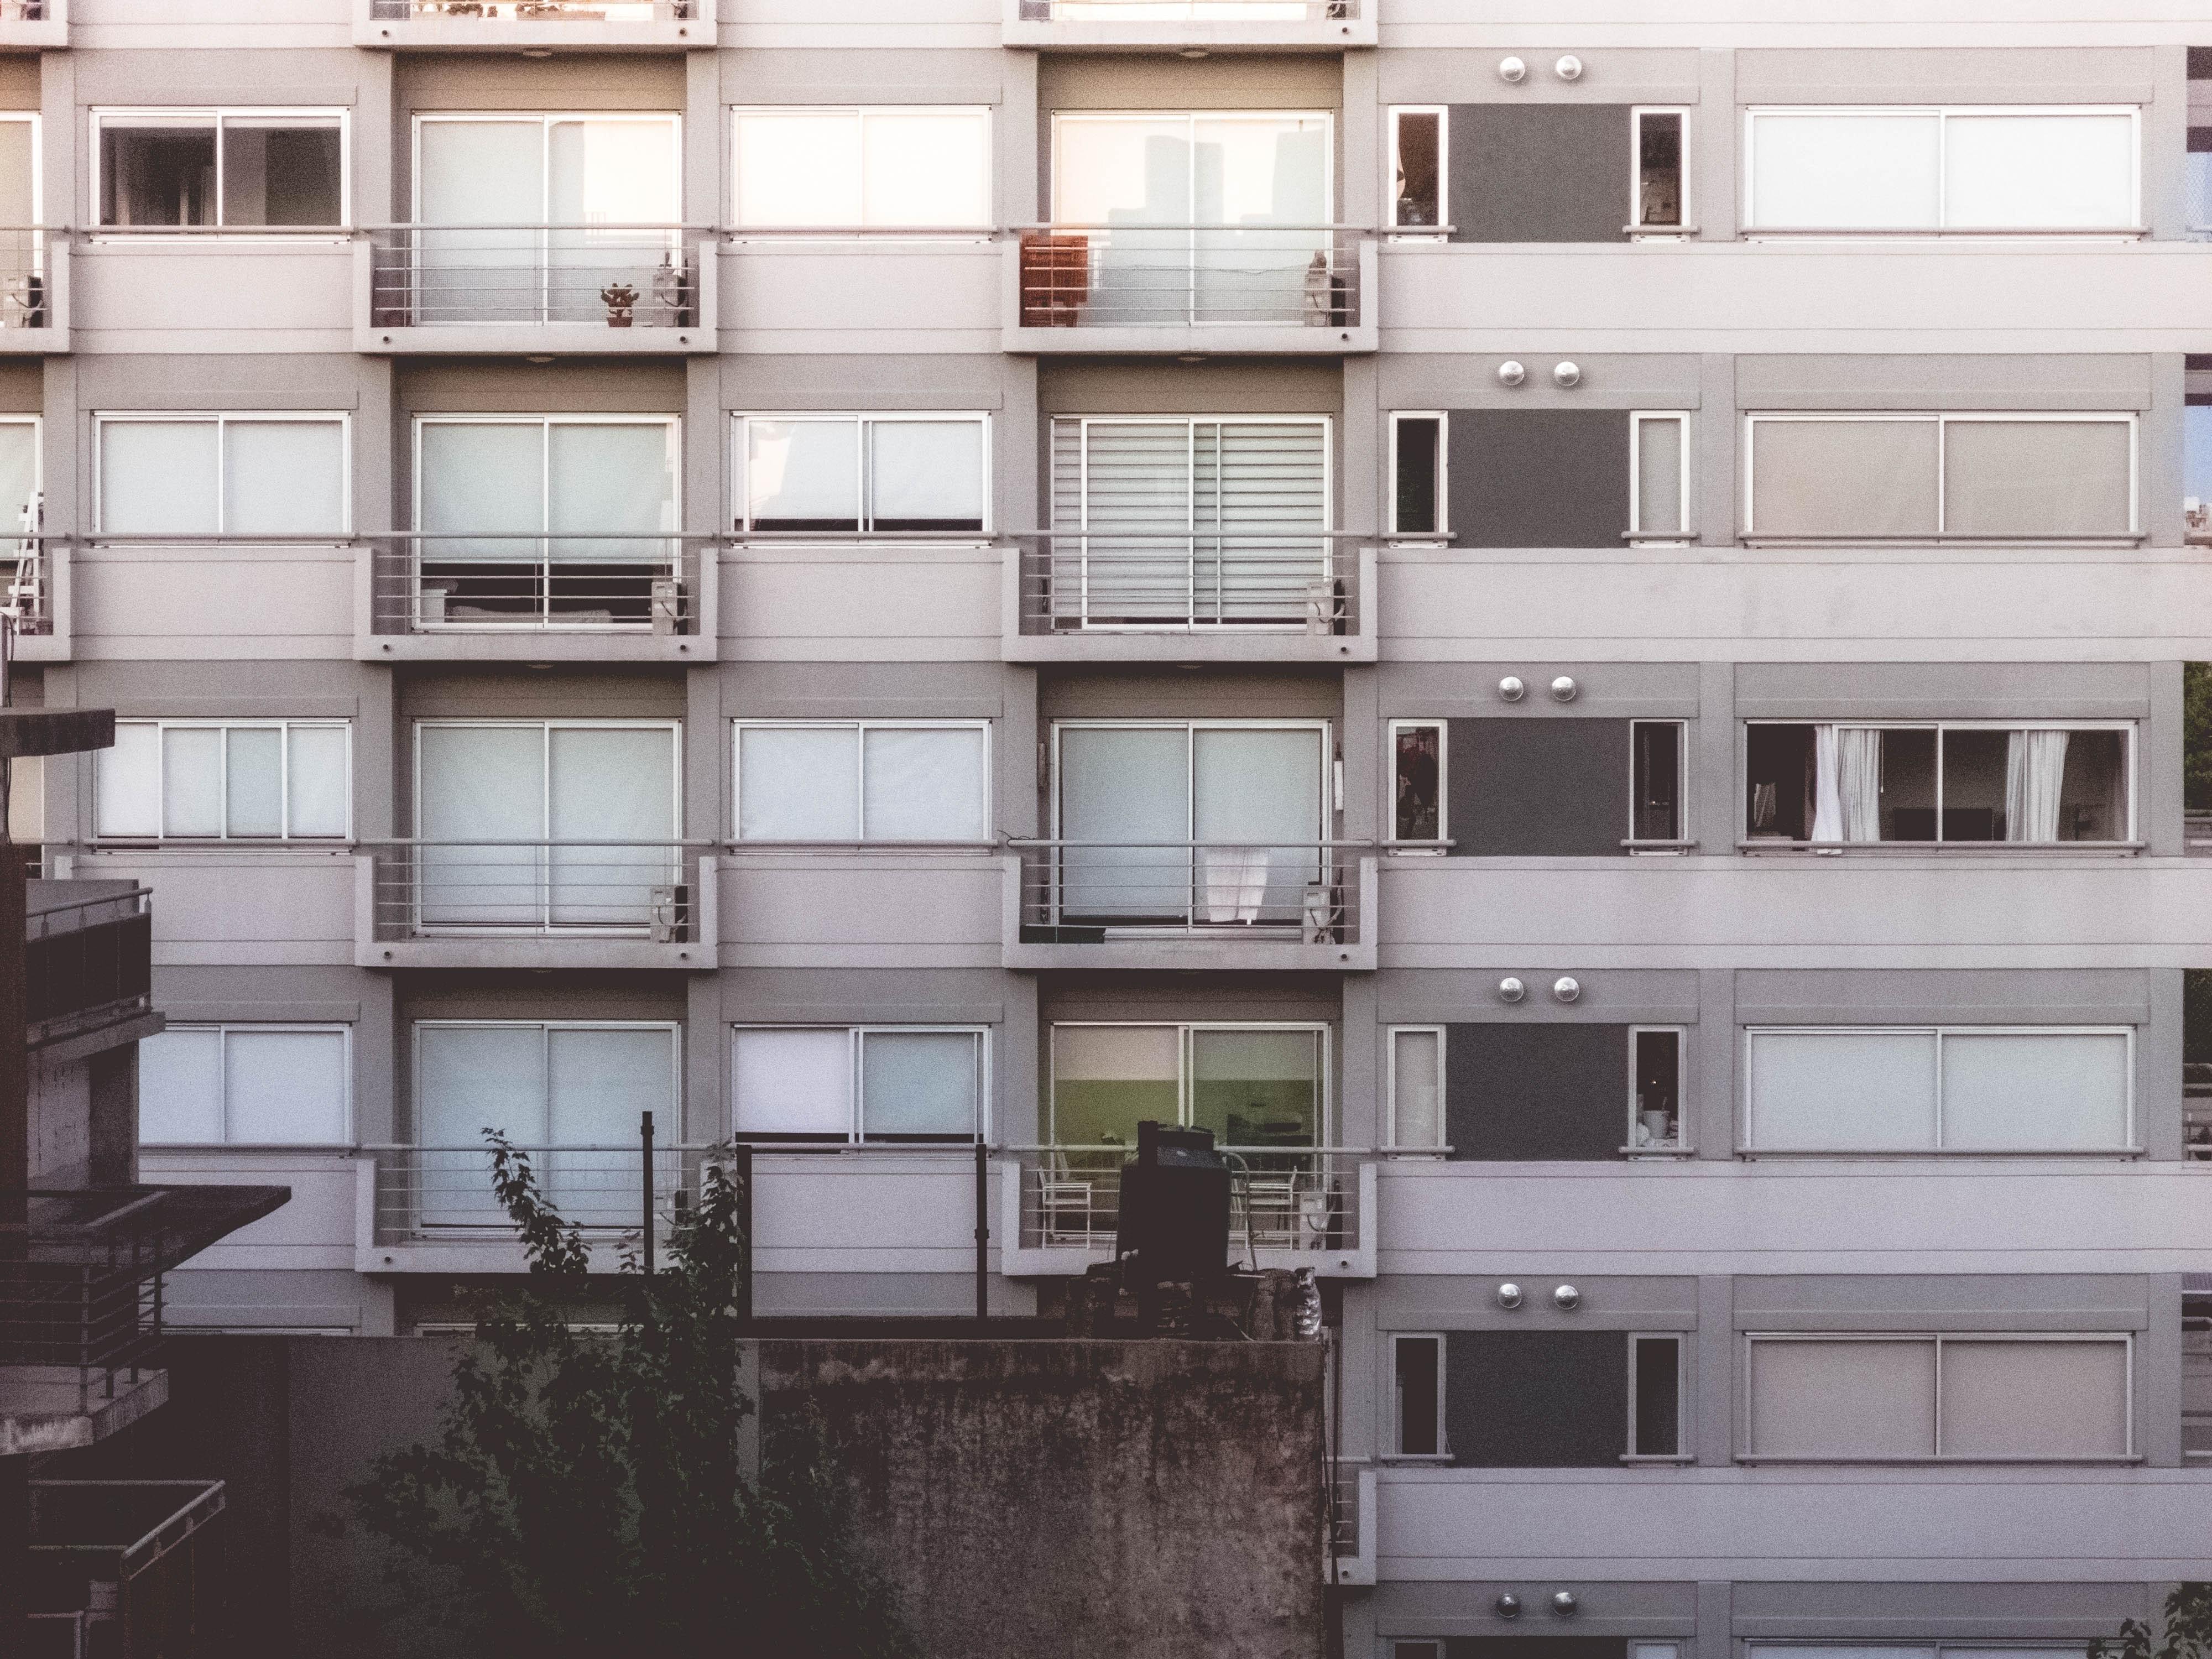 Full frame shot of residential building photo